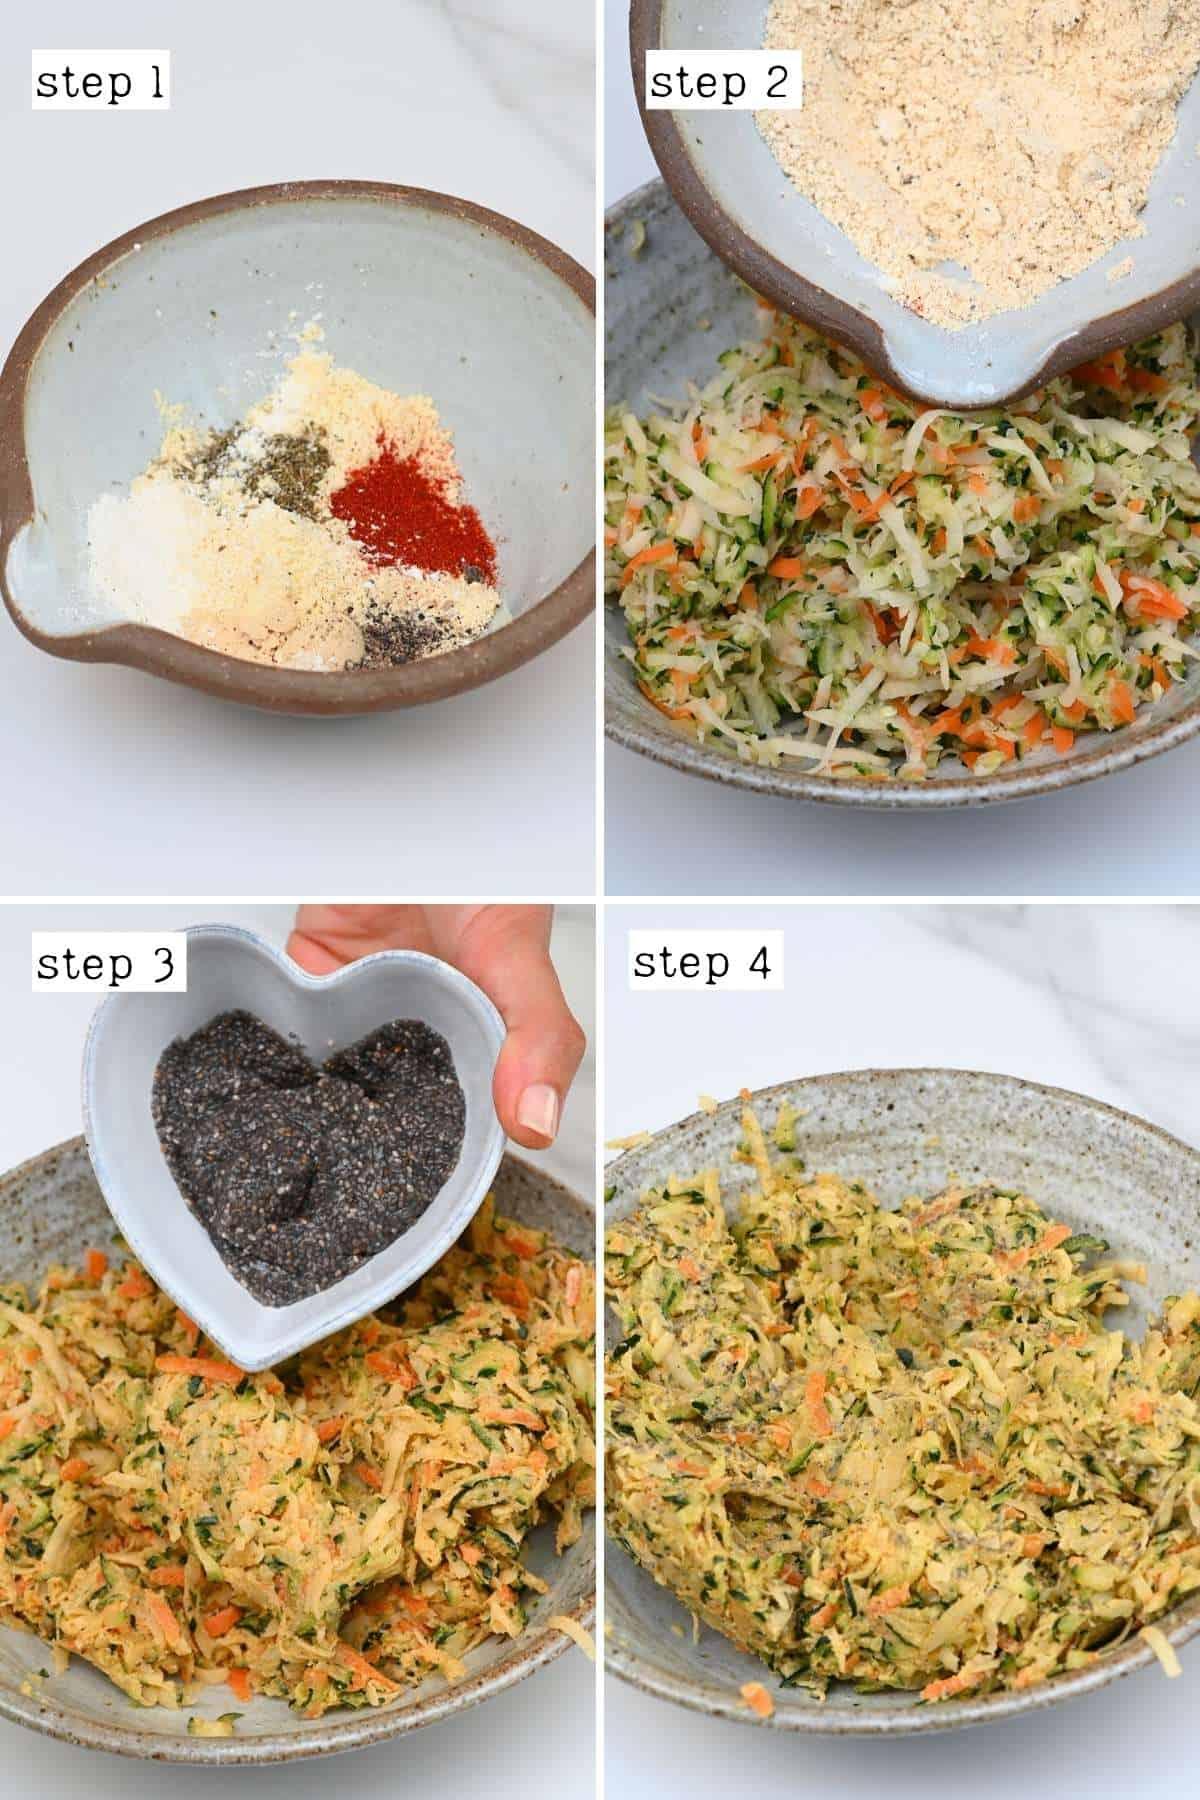 Steps for preparing veggie fritter batter